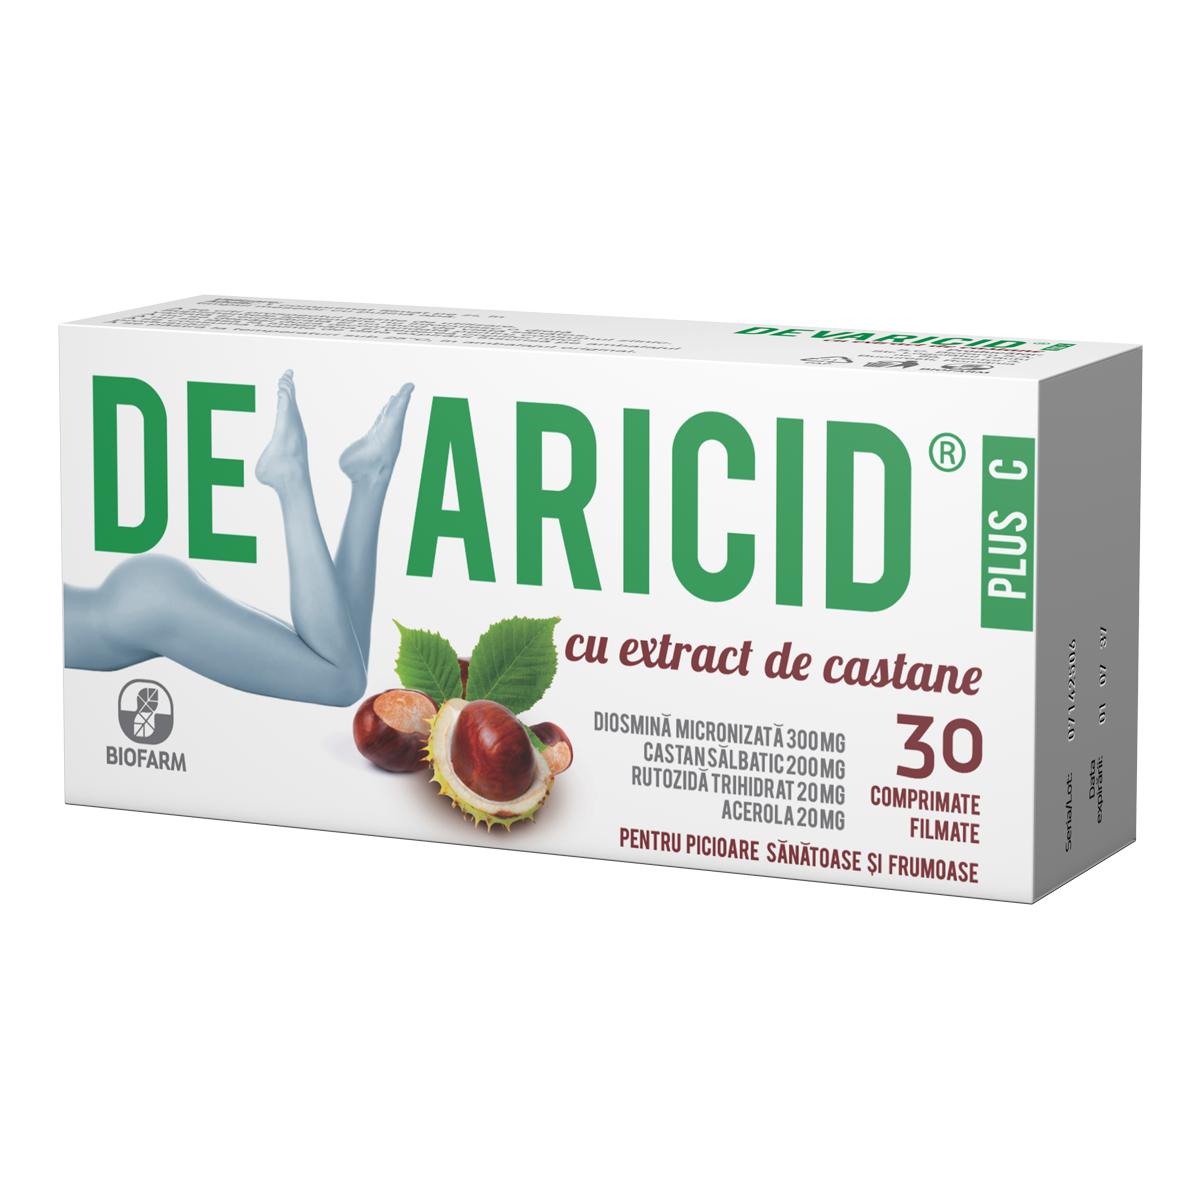 Devaricid plus C cu extract de castane, 30 comprimate, Biofarm la preț mic imagine